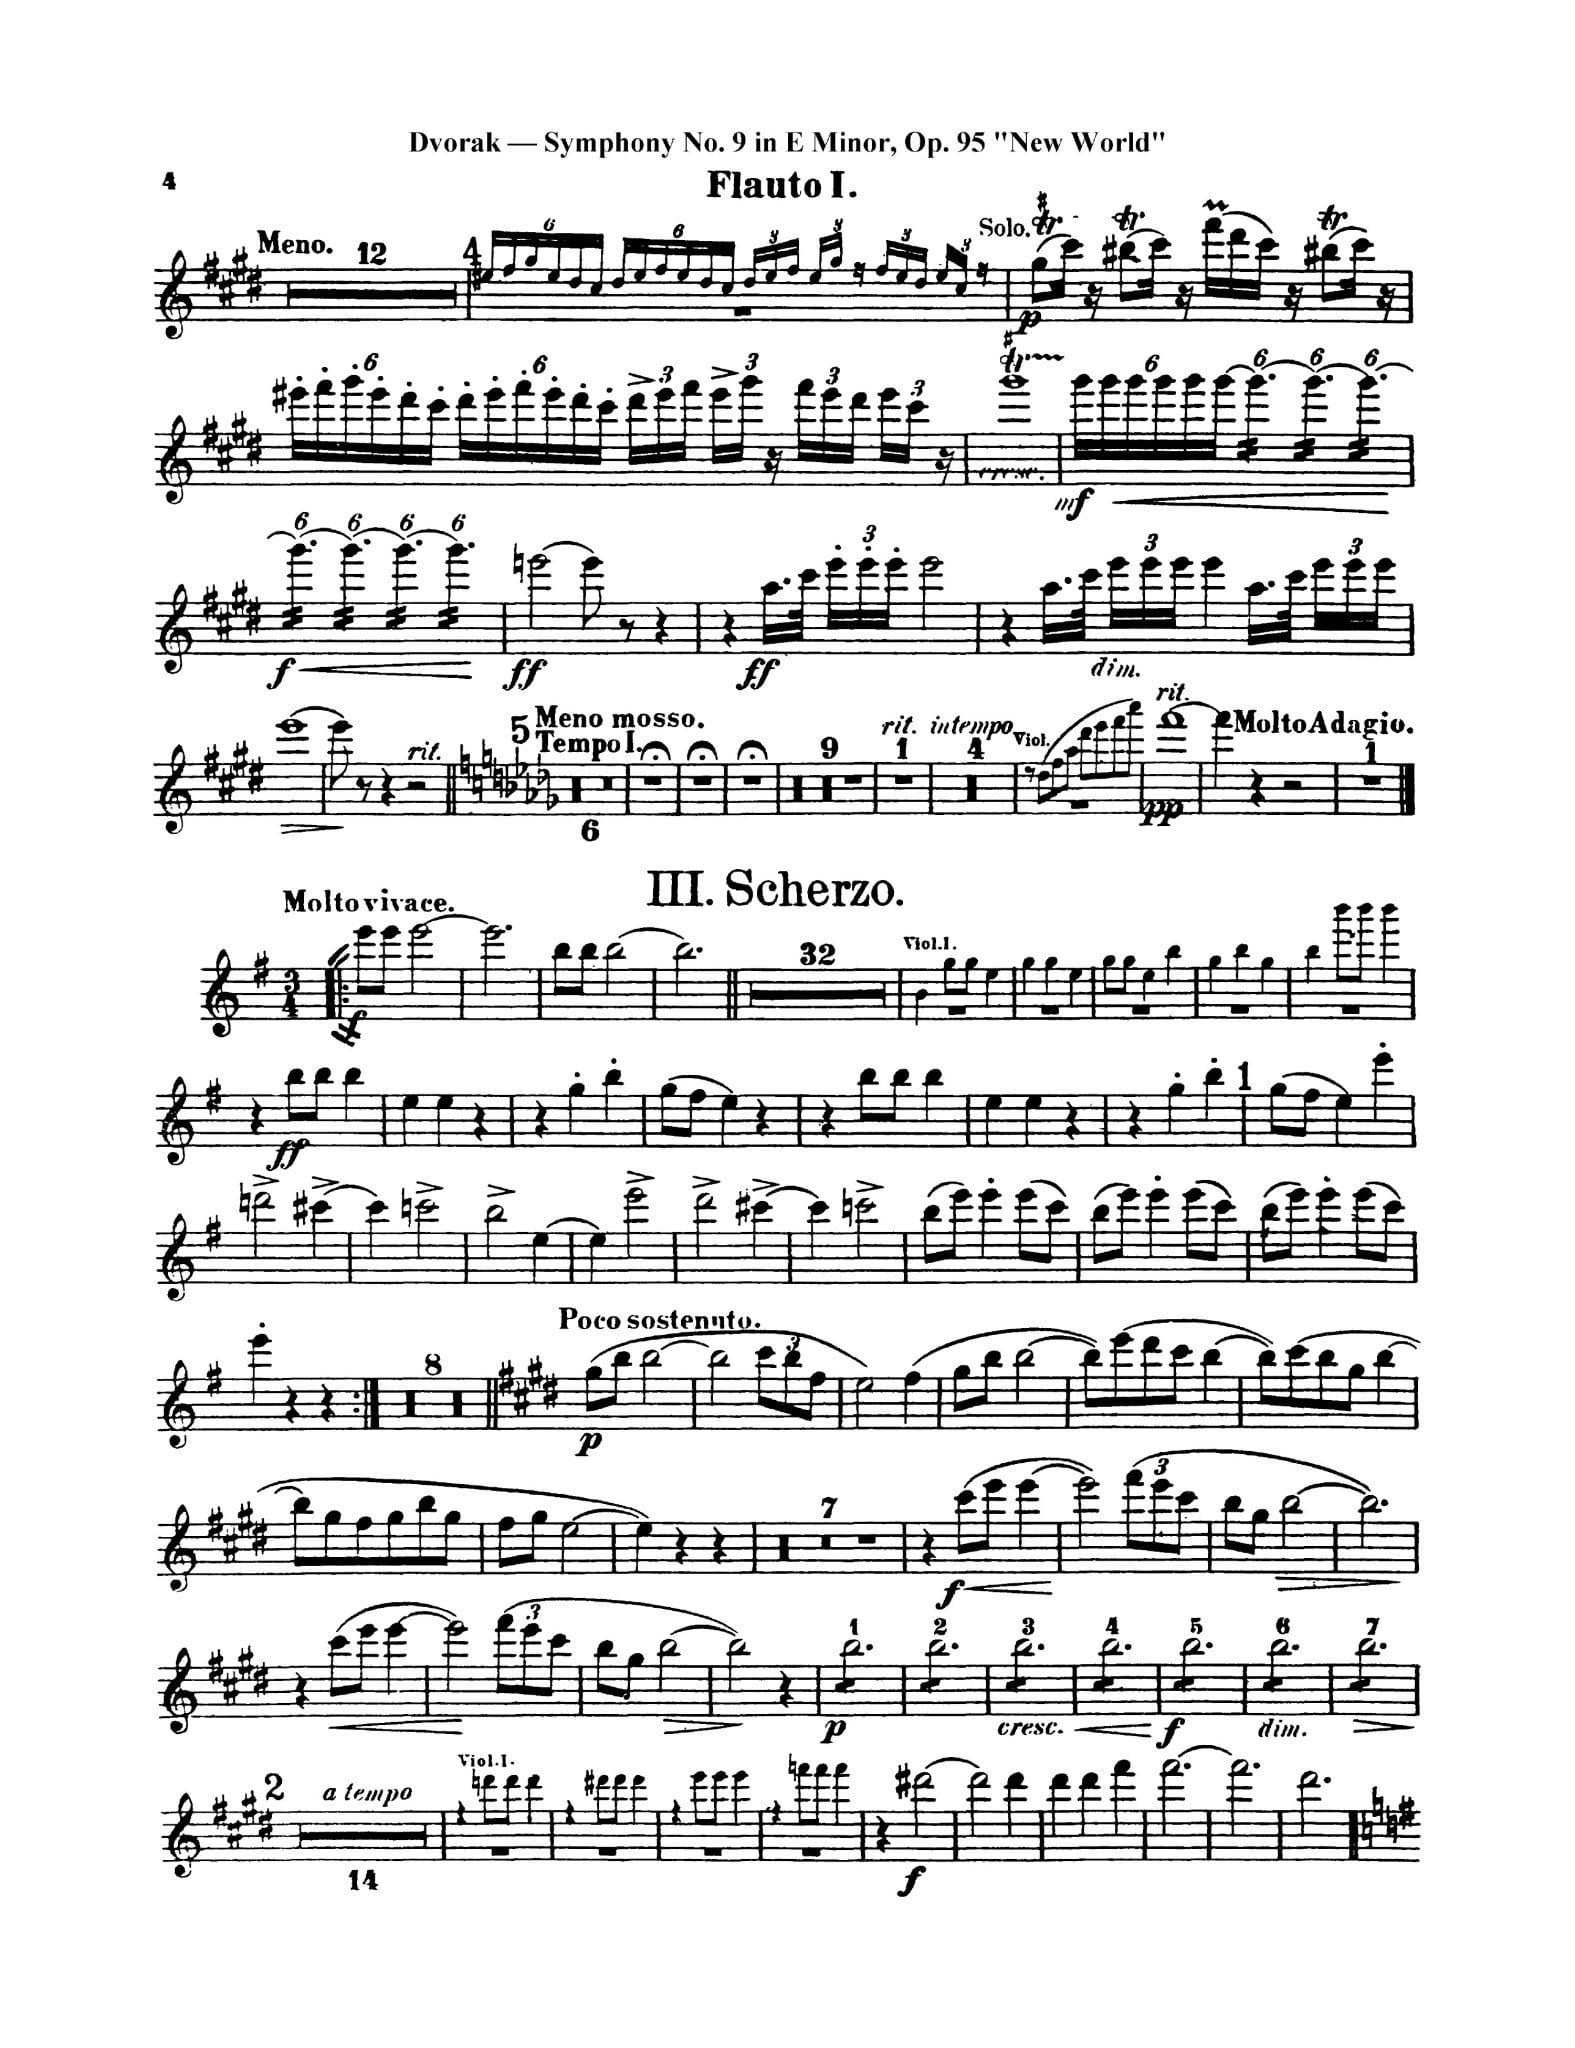 Dvorak Symphony No. 9 4